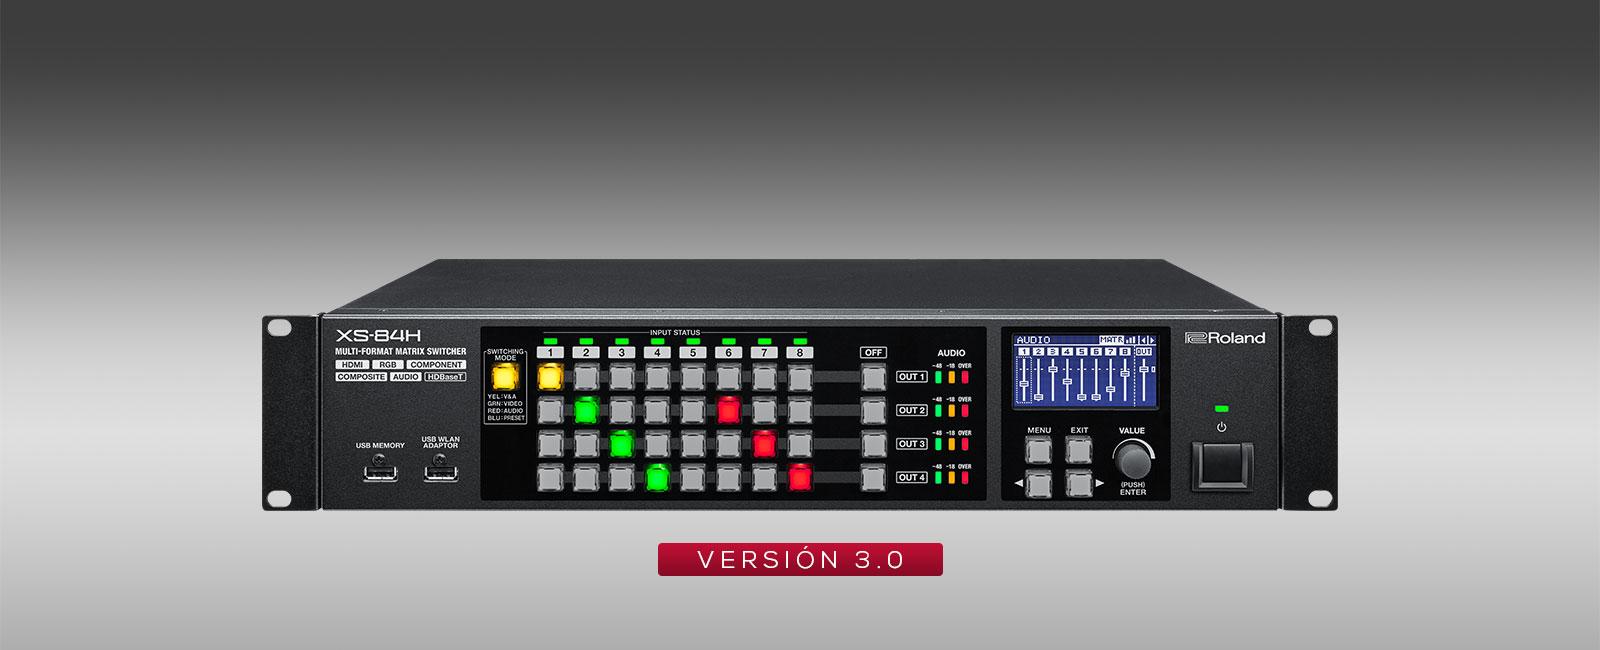 Serie XS Versión 3.0